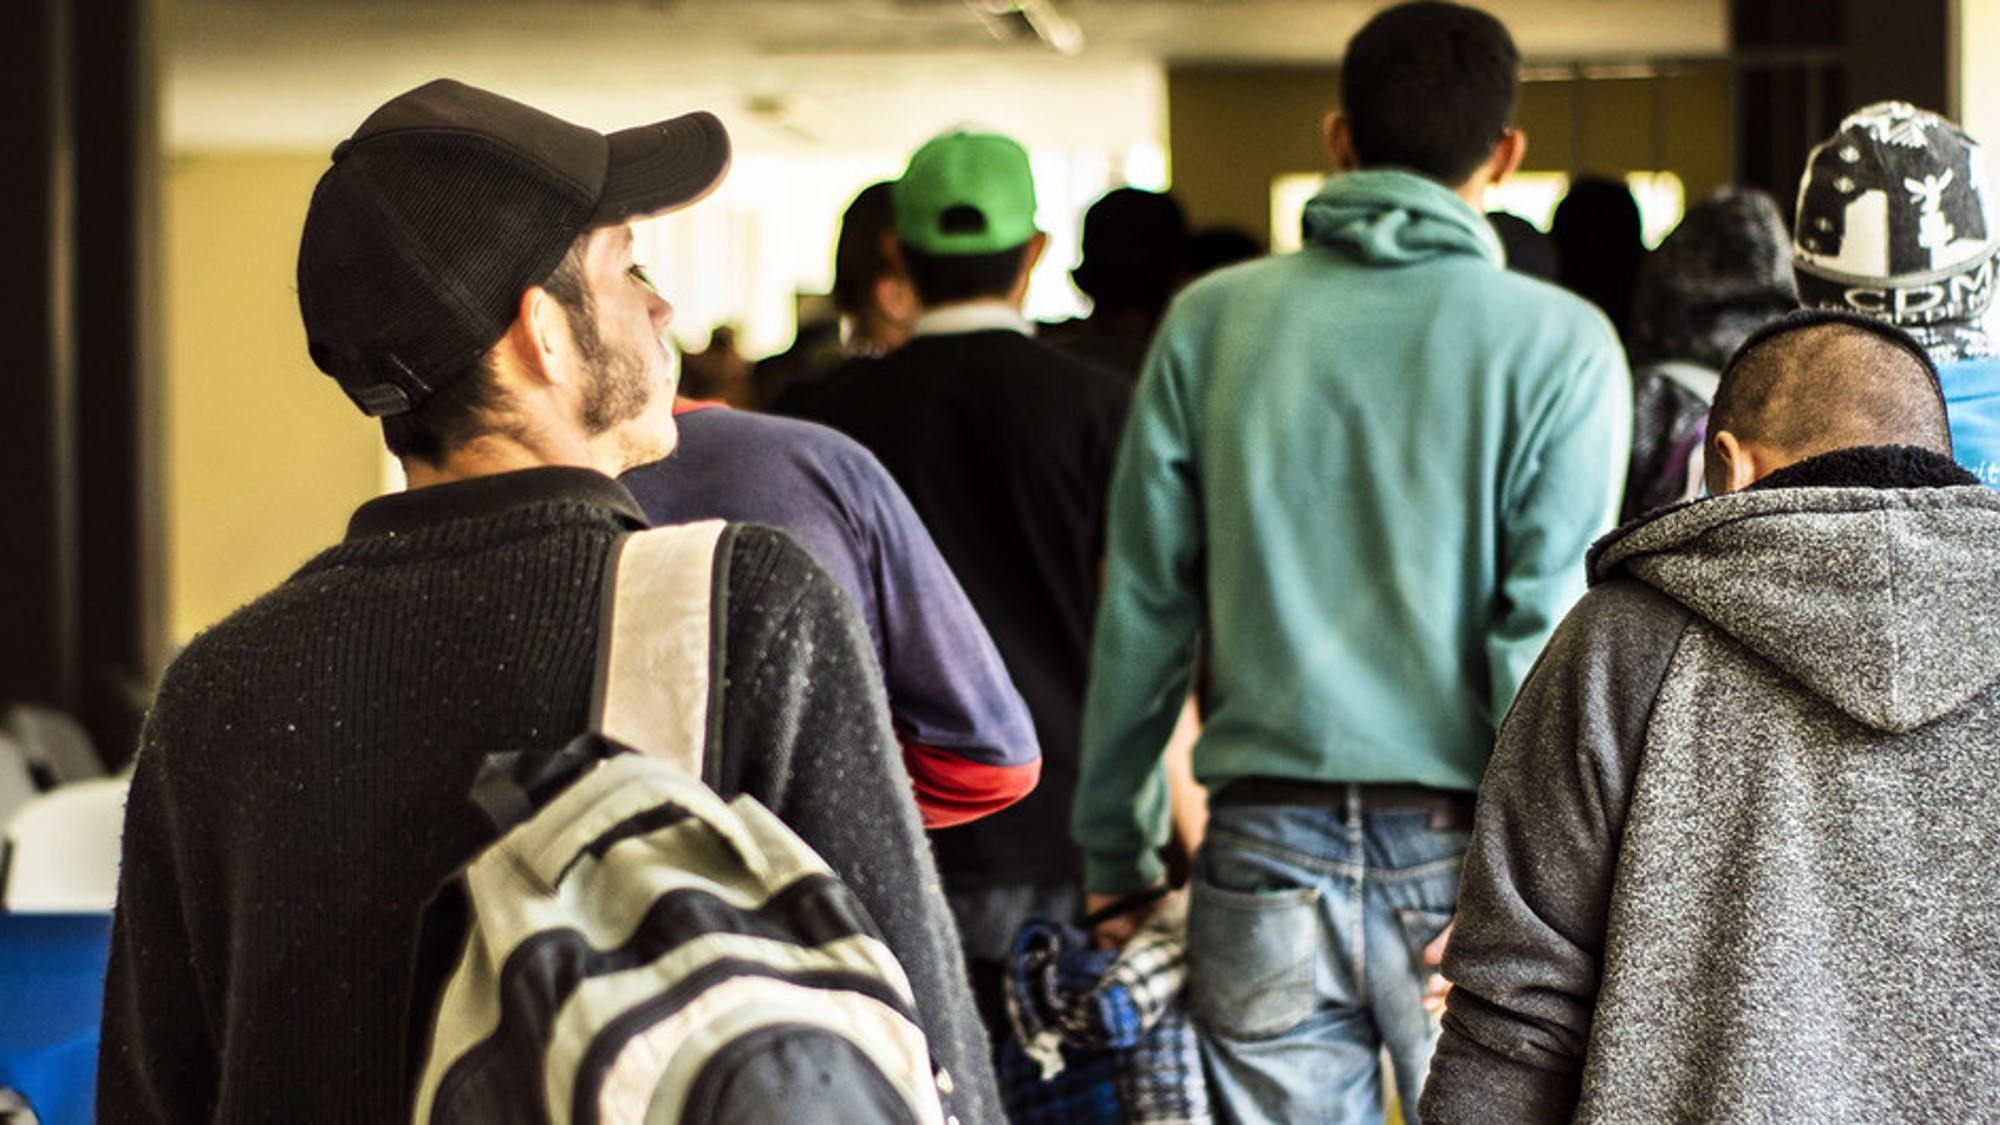 La agencia de la ONU para los refugiados consigue reubicar a más de 10.000 personas en México